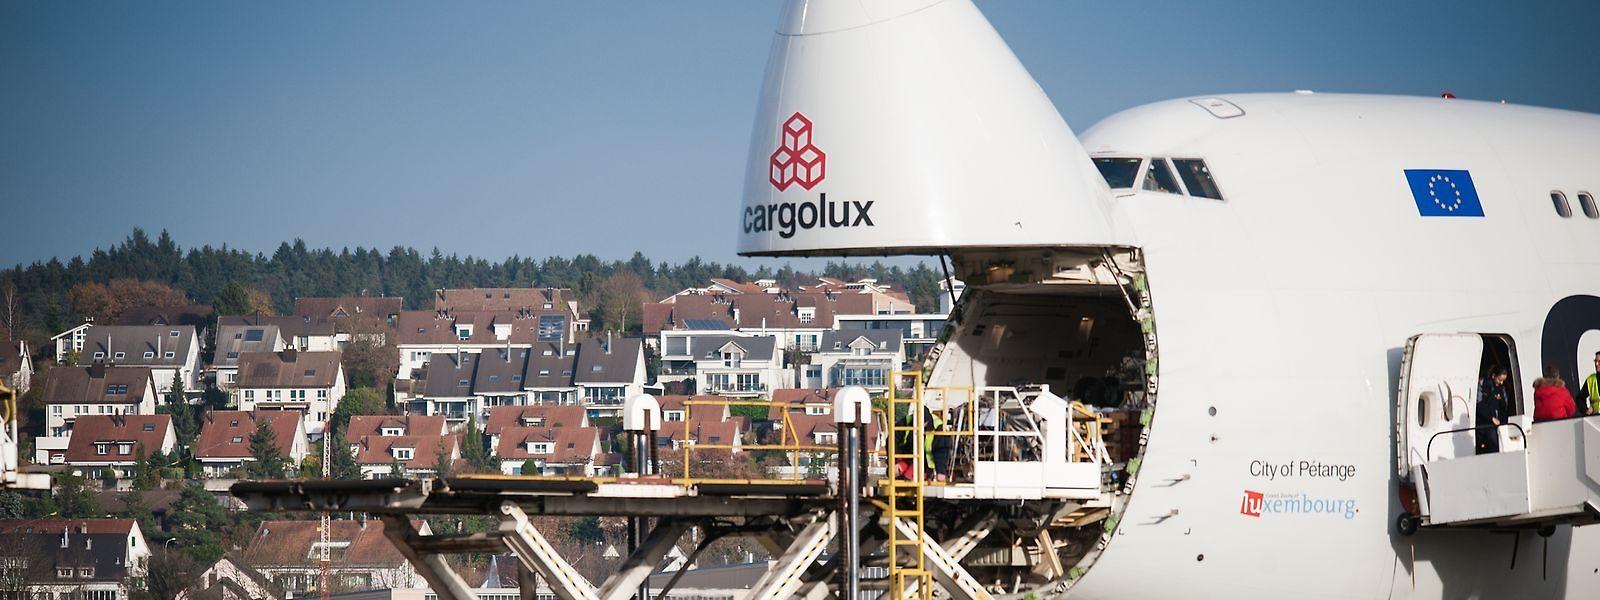 Cargolux a annoncé un bénéfice record de 211 millions pour 2018, en augmentation de 73% comparé à 2017.